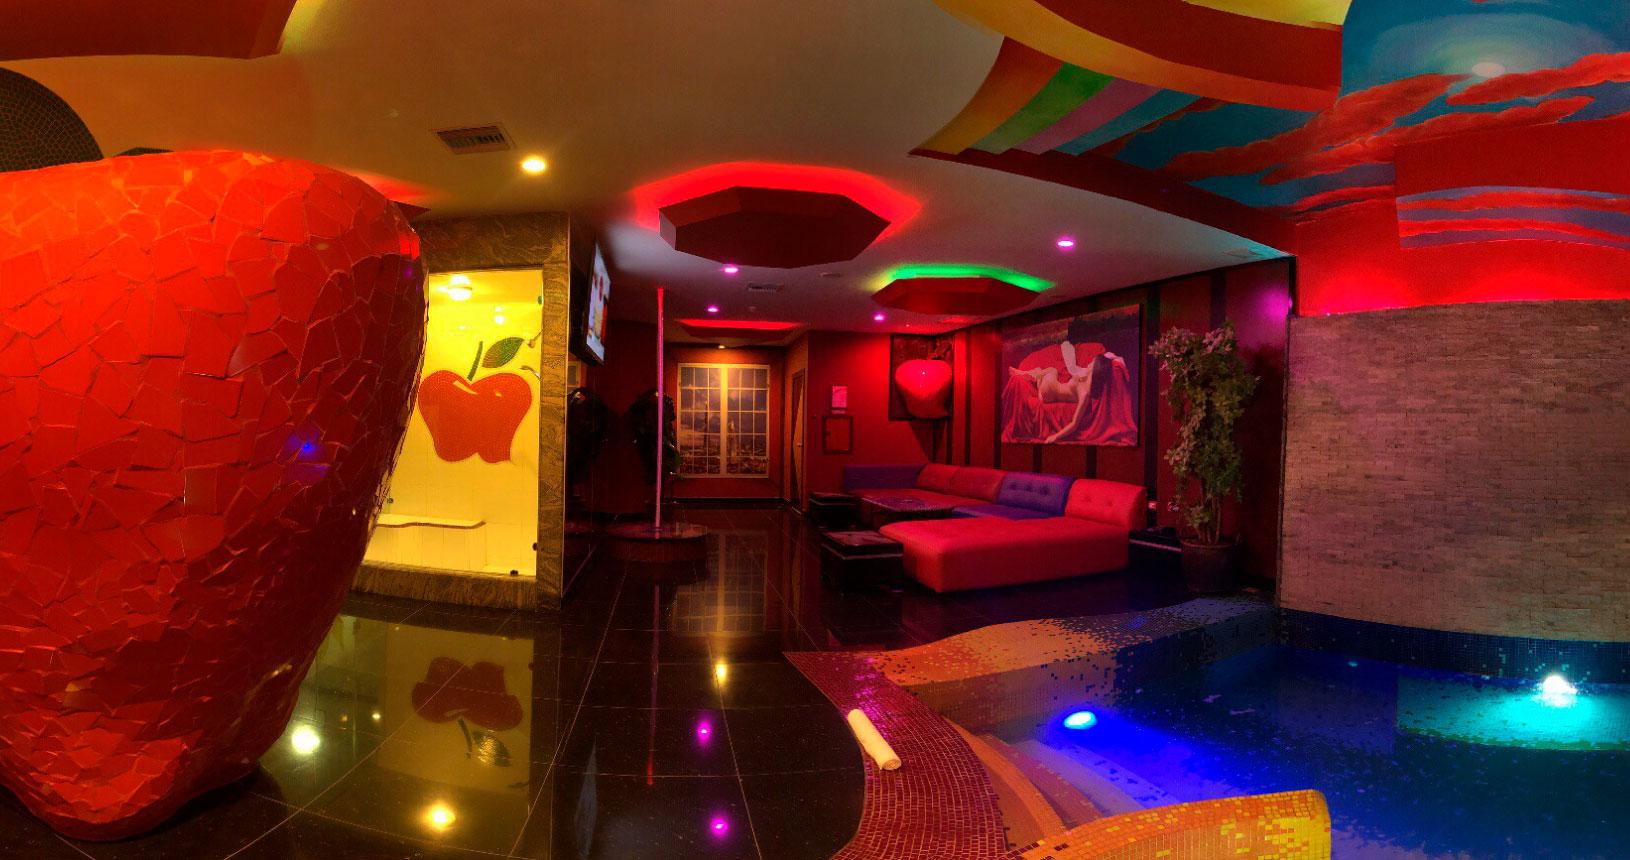 Moteles en Guayaquil - Moteles Extasis en Ecuador / La Ruta del Placer